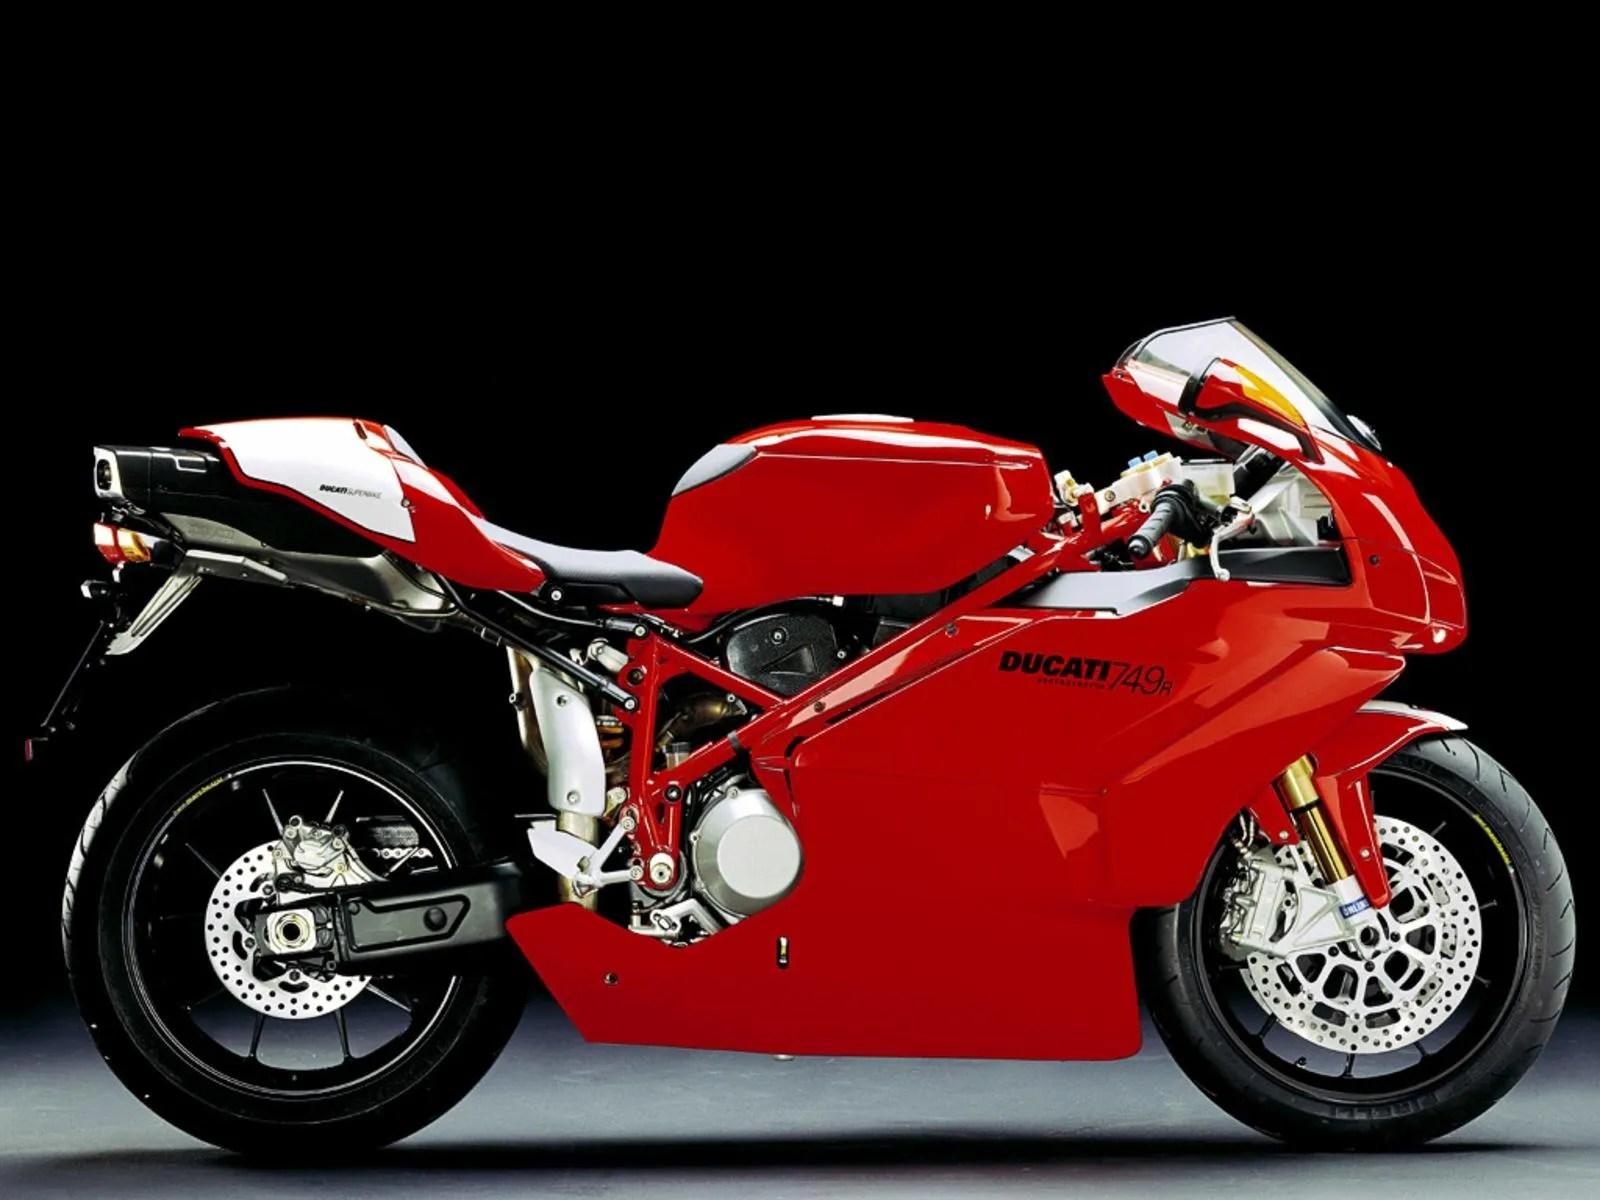 Ducati Superbike 749r Review